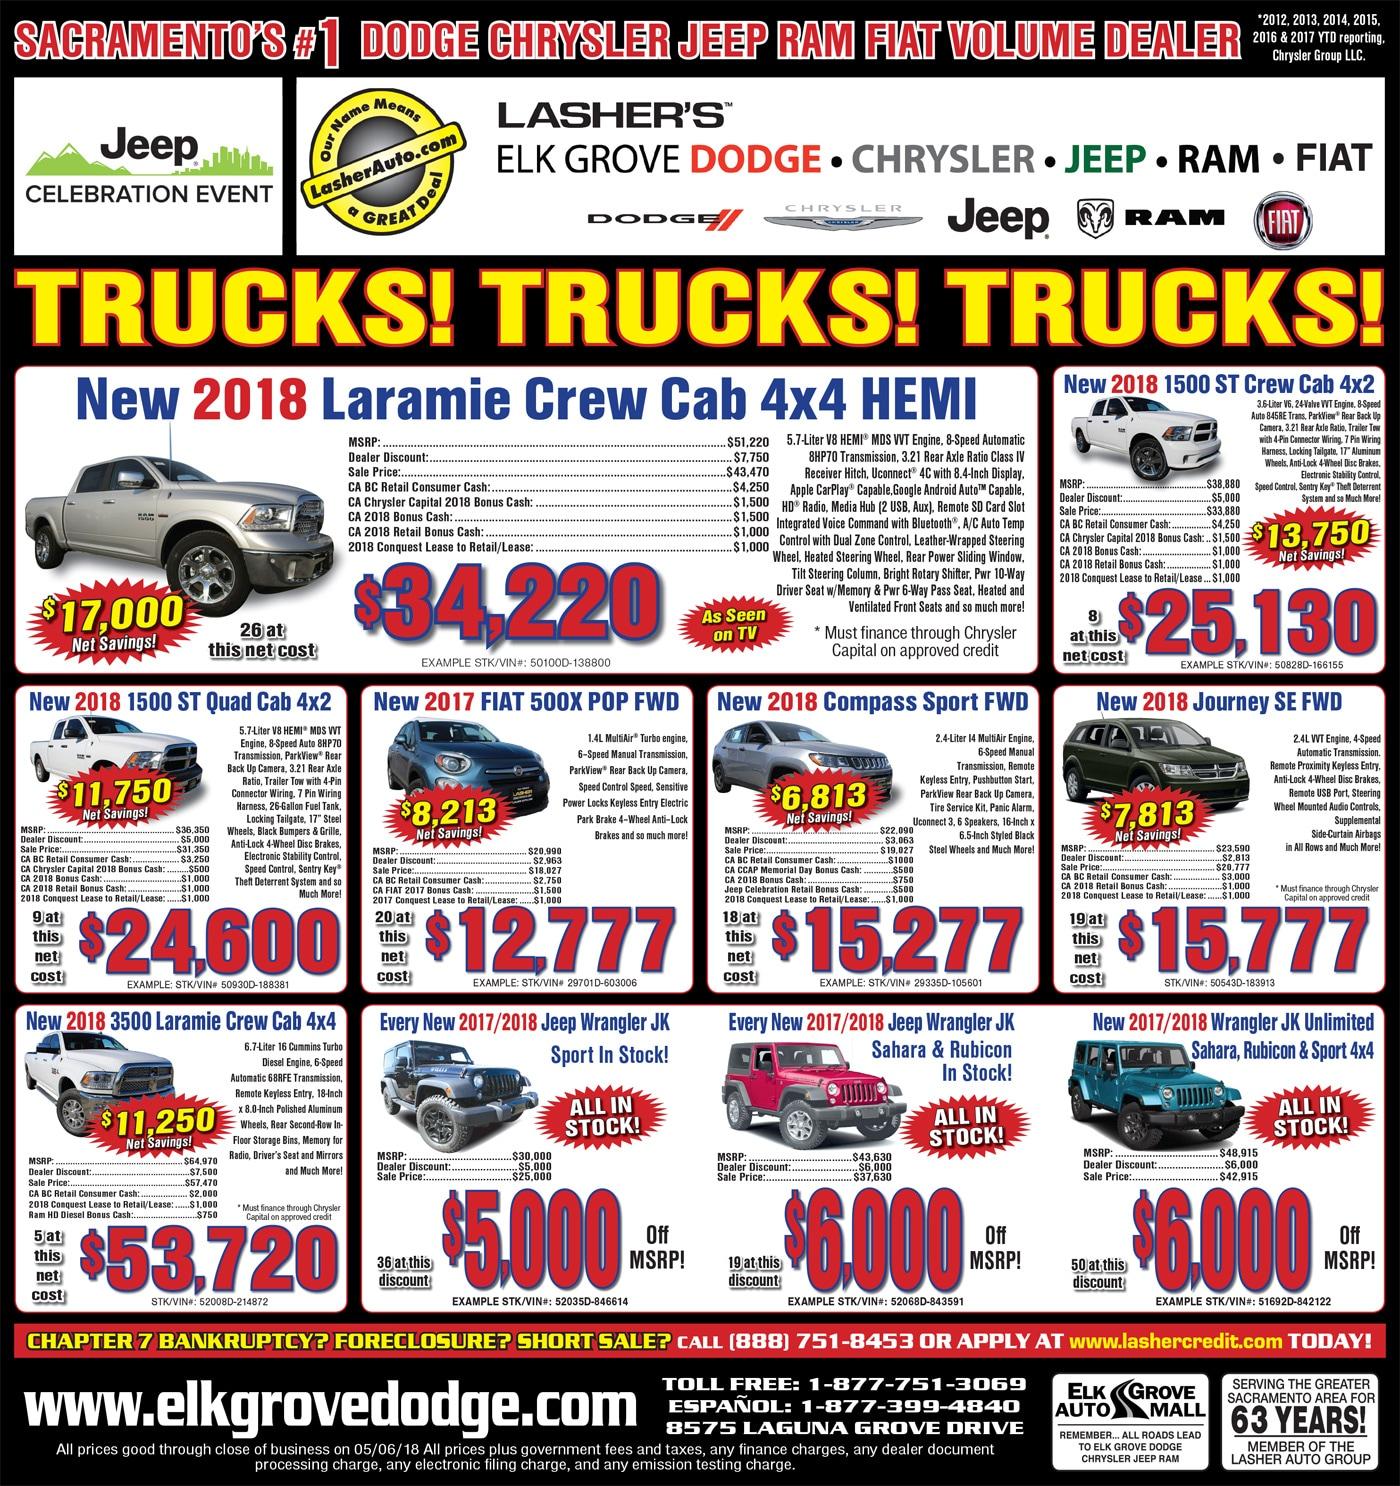 Sacramento Dodge Dealers 2017 Dodge Charger